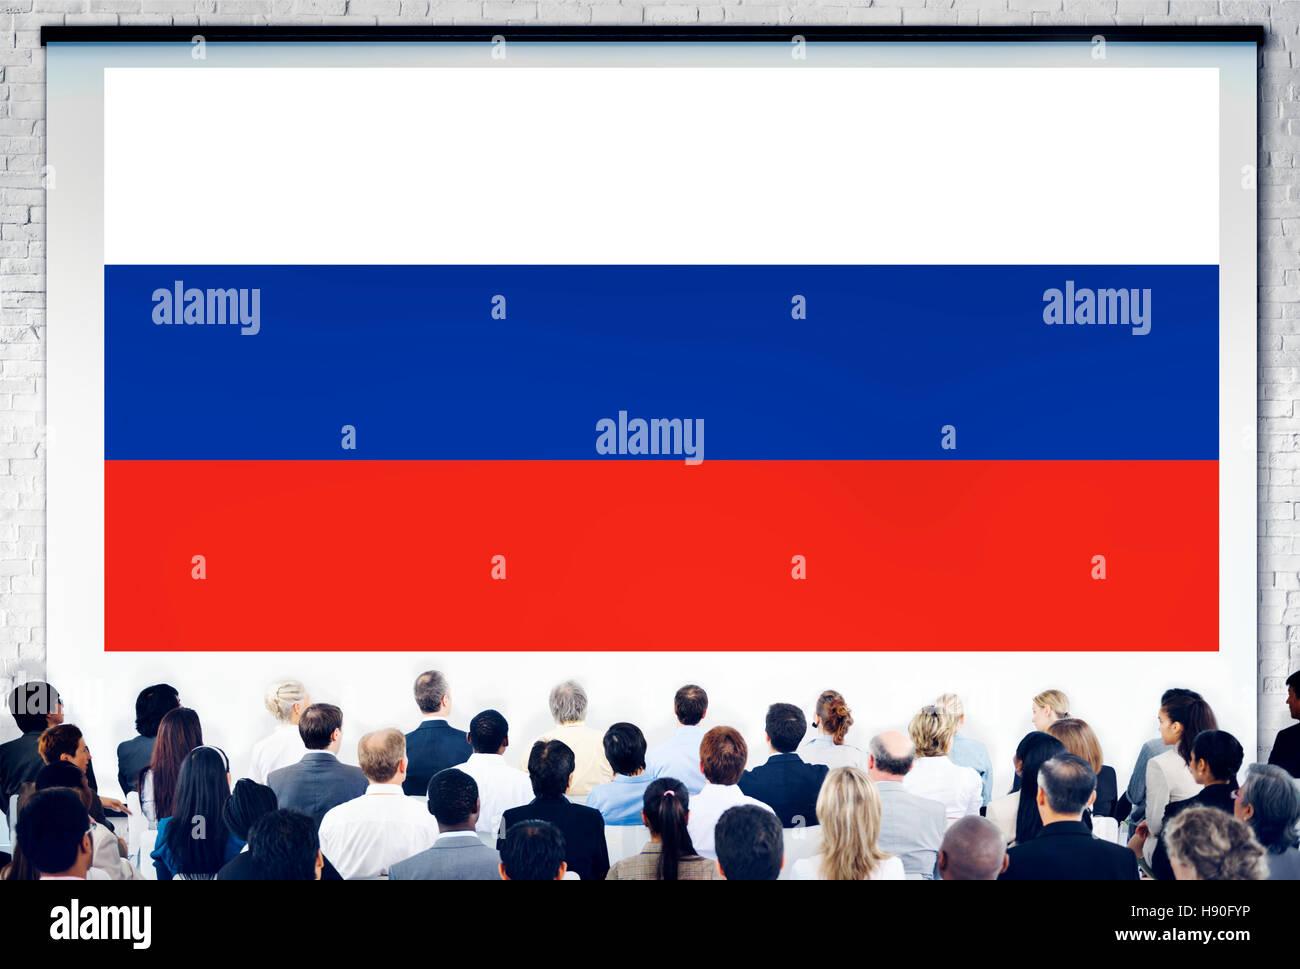 Rusia Bandera patriotismo ruso Concepto Unidad orgullo Imagen De Stock